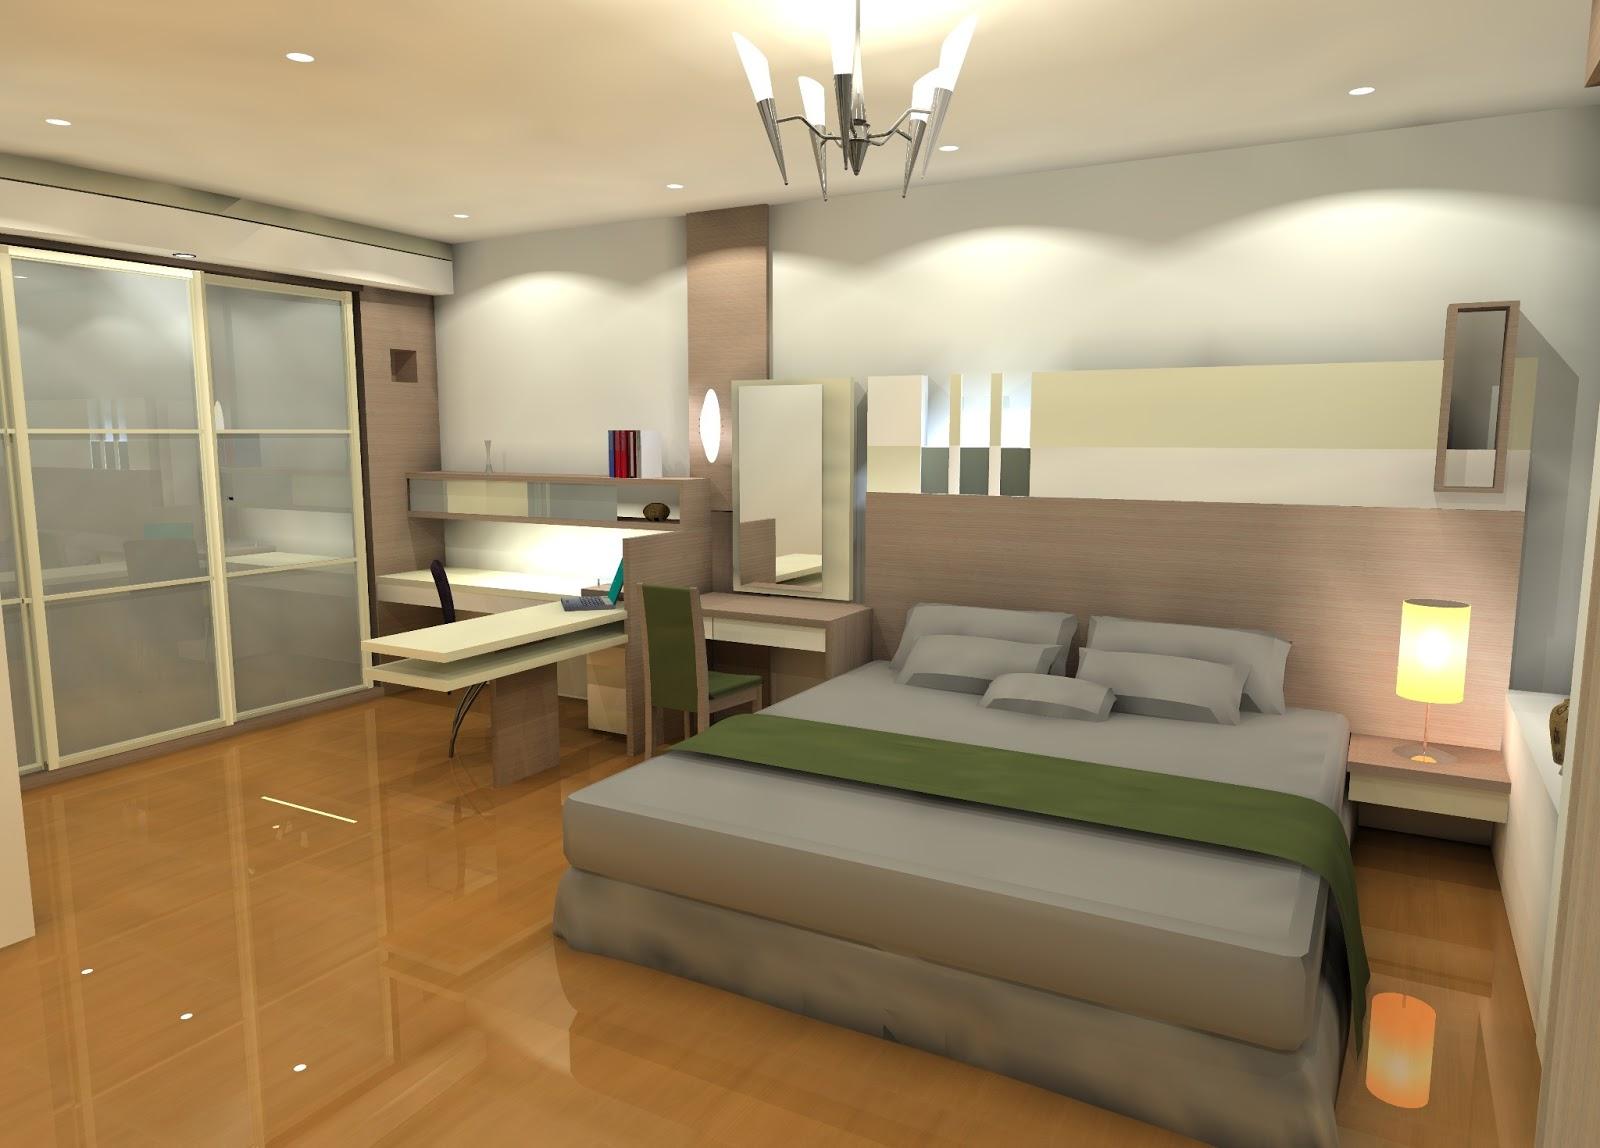 Desain Interior Kamar Tidur Modern - Rumah Minimalis